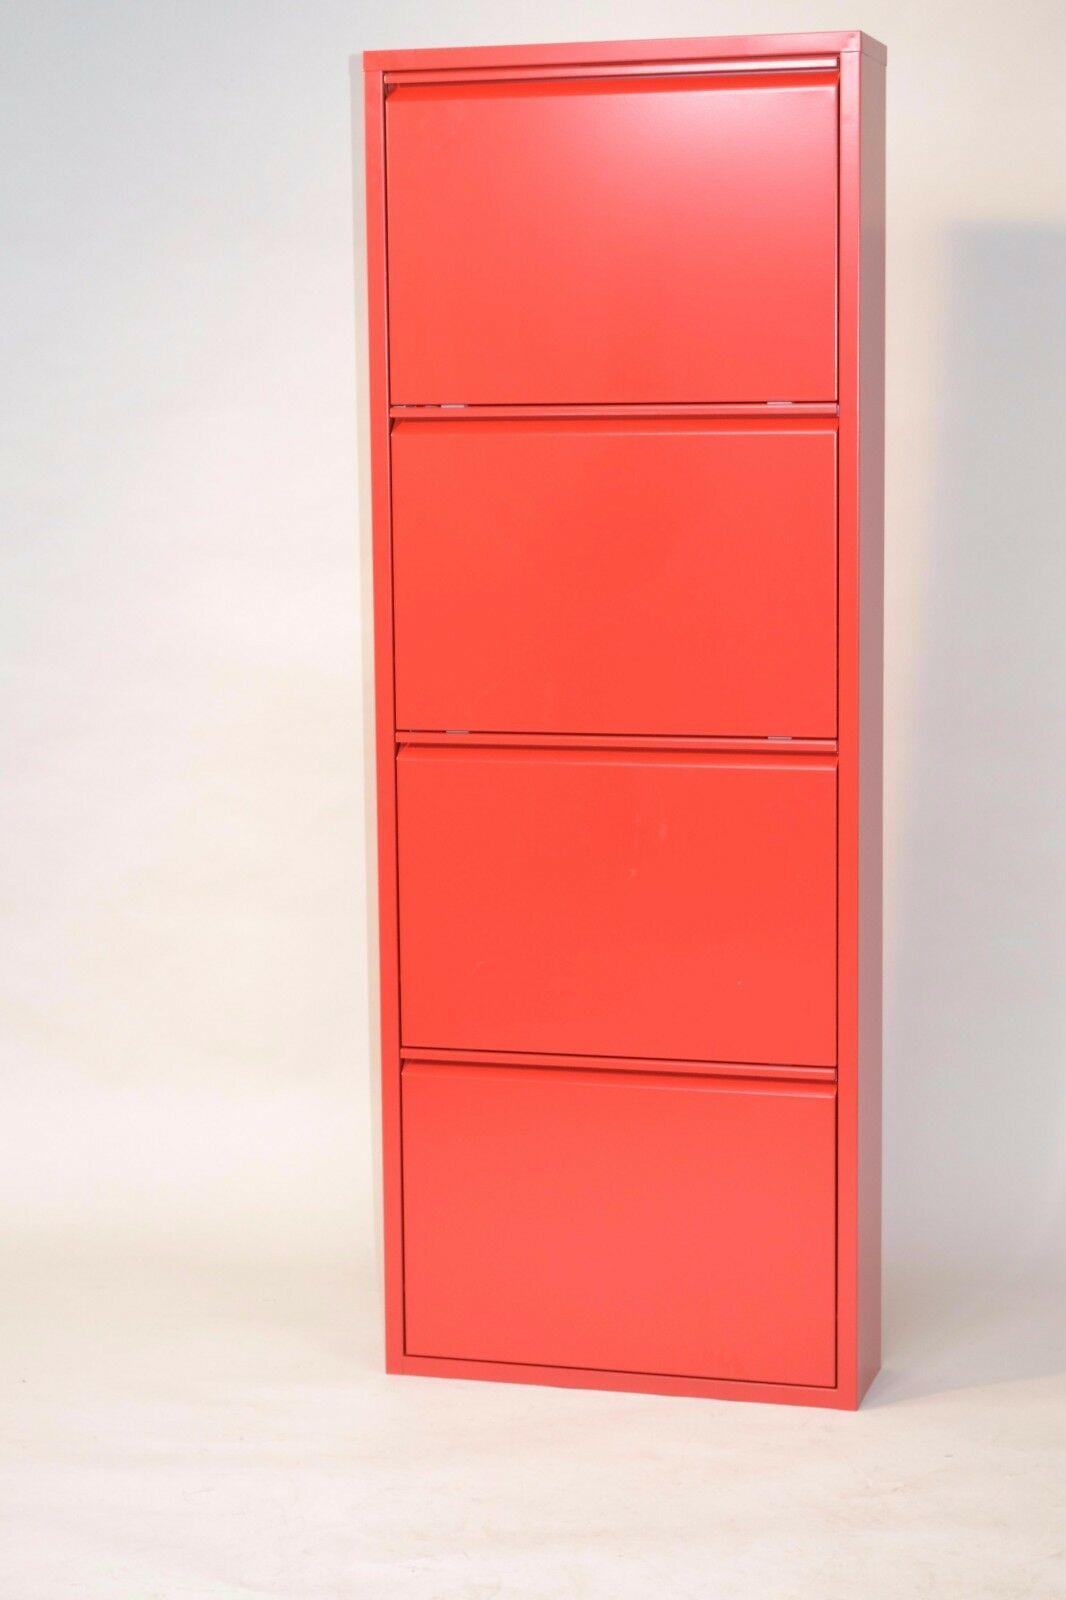 Ausgezeichnet Schuhschrank Rot Ideen - Die Designideen für ...